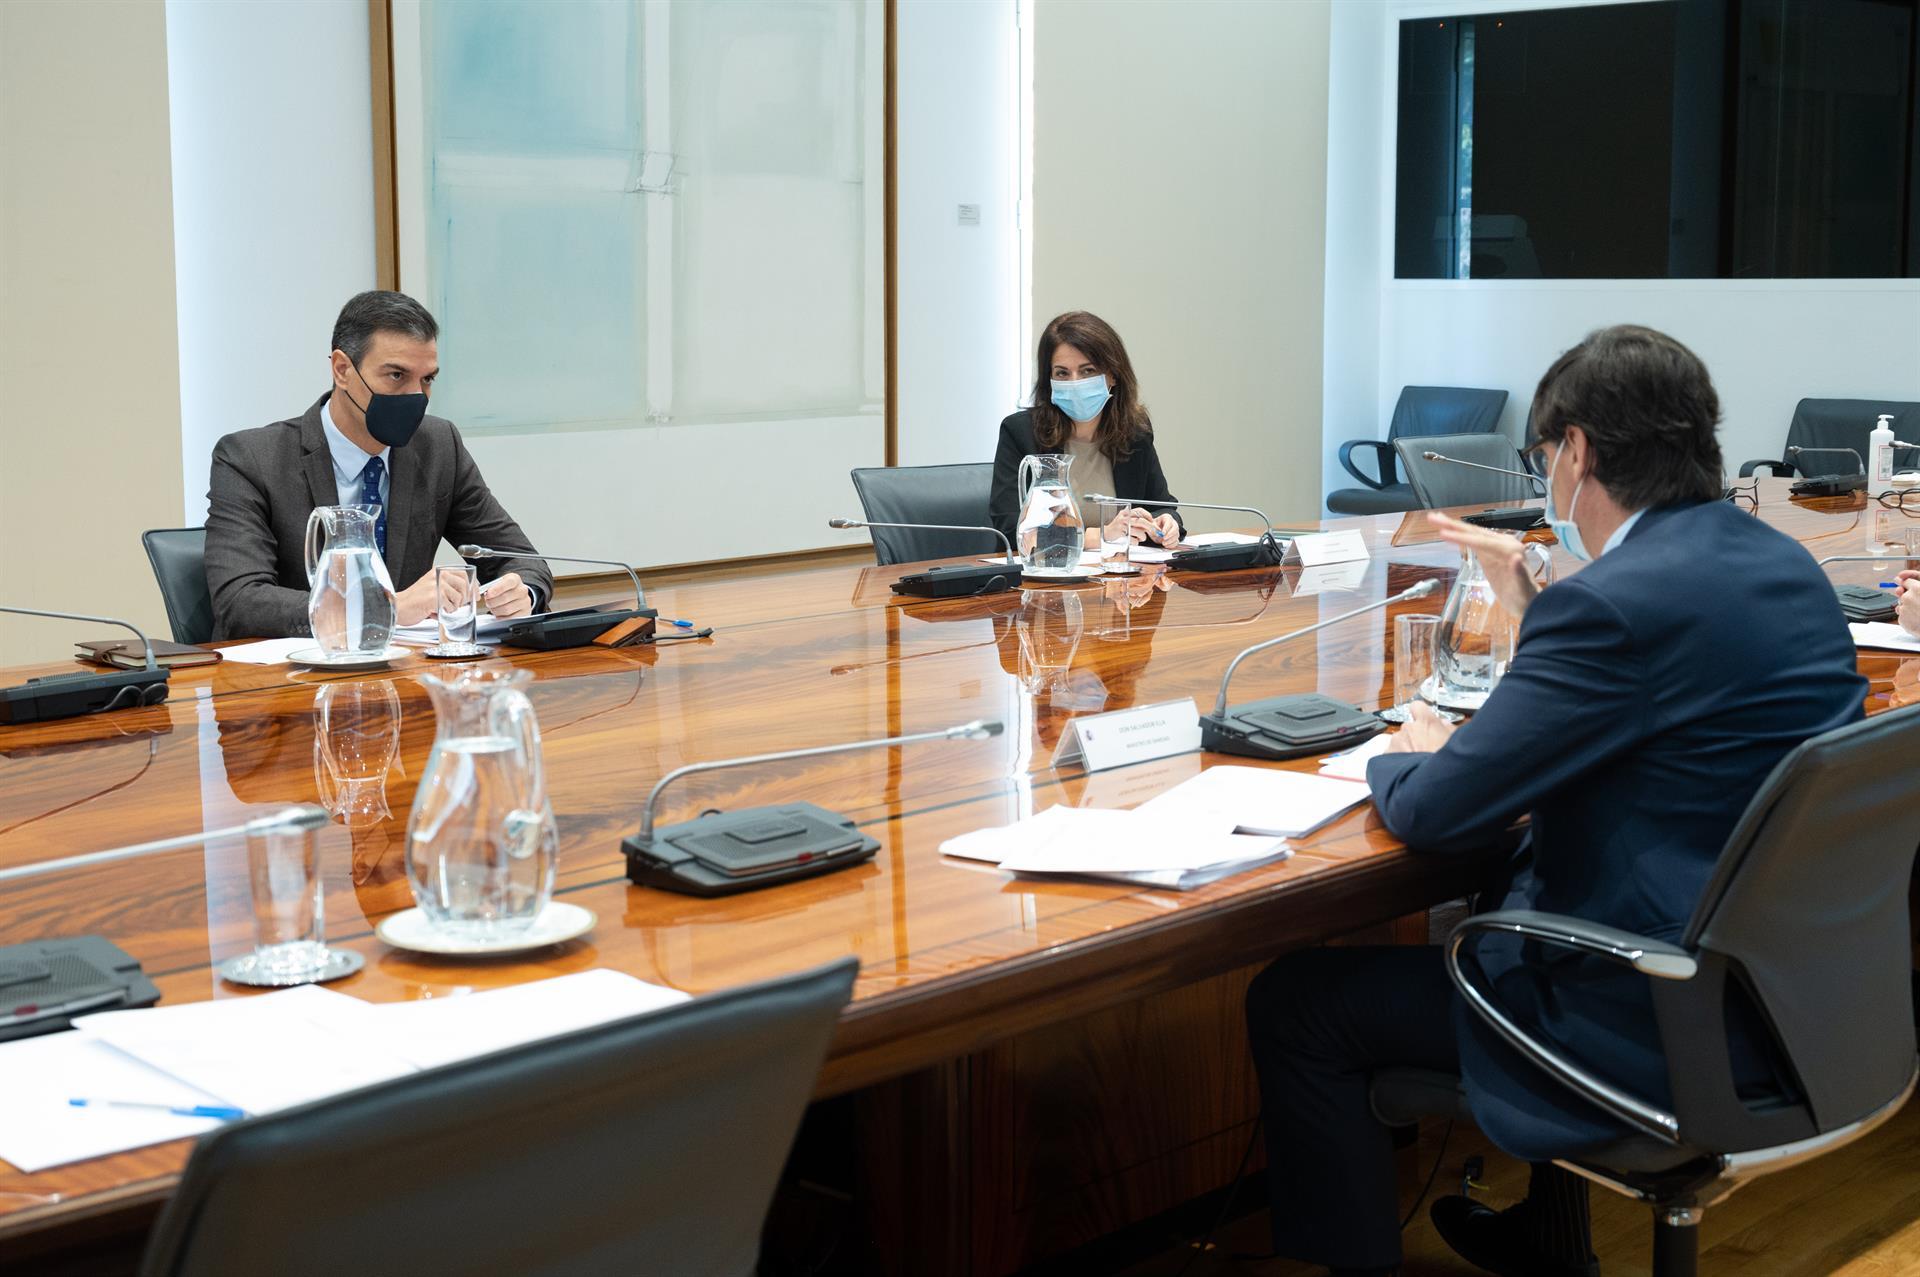 El presidente del Gobierno, Pedro Sánchez, y el ministro de Sanidad, Salvador Illa, durante la reunión del Comité de Seguimiento del Coronavirus,